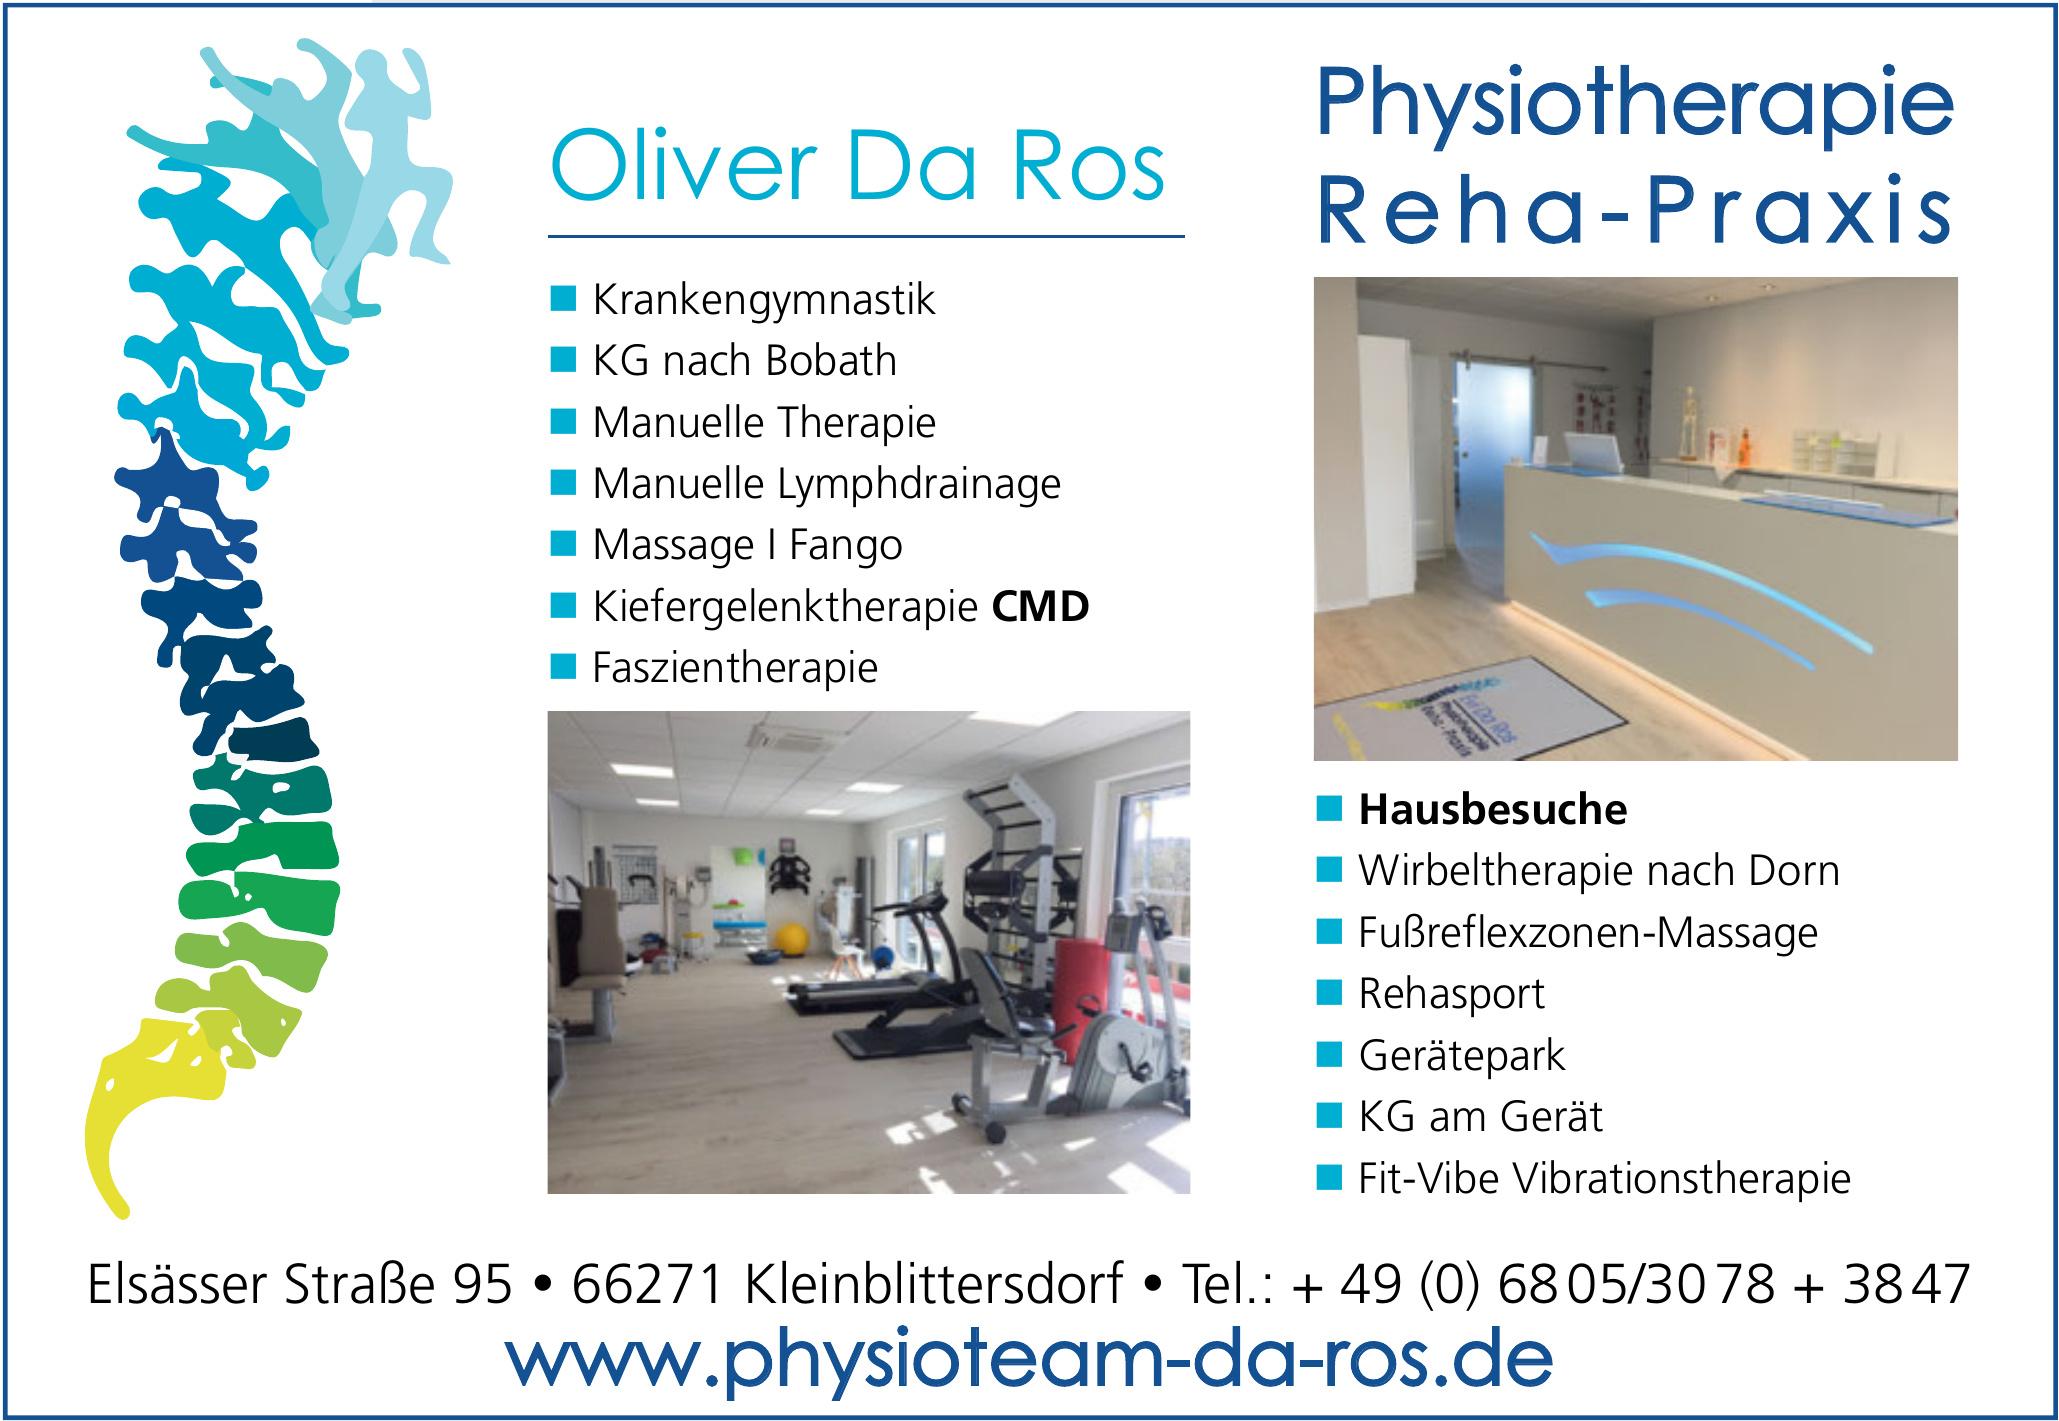 Oliver Da Ros Physiotherapie und Reha-Praxis